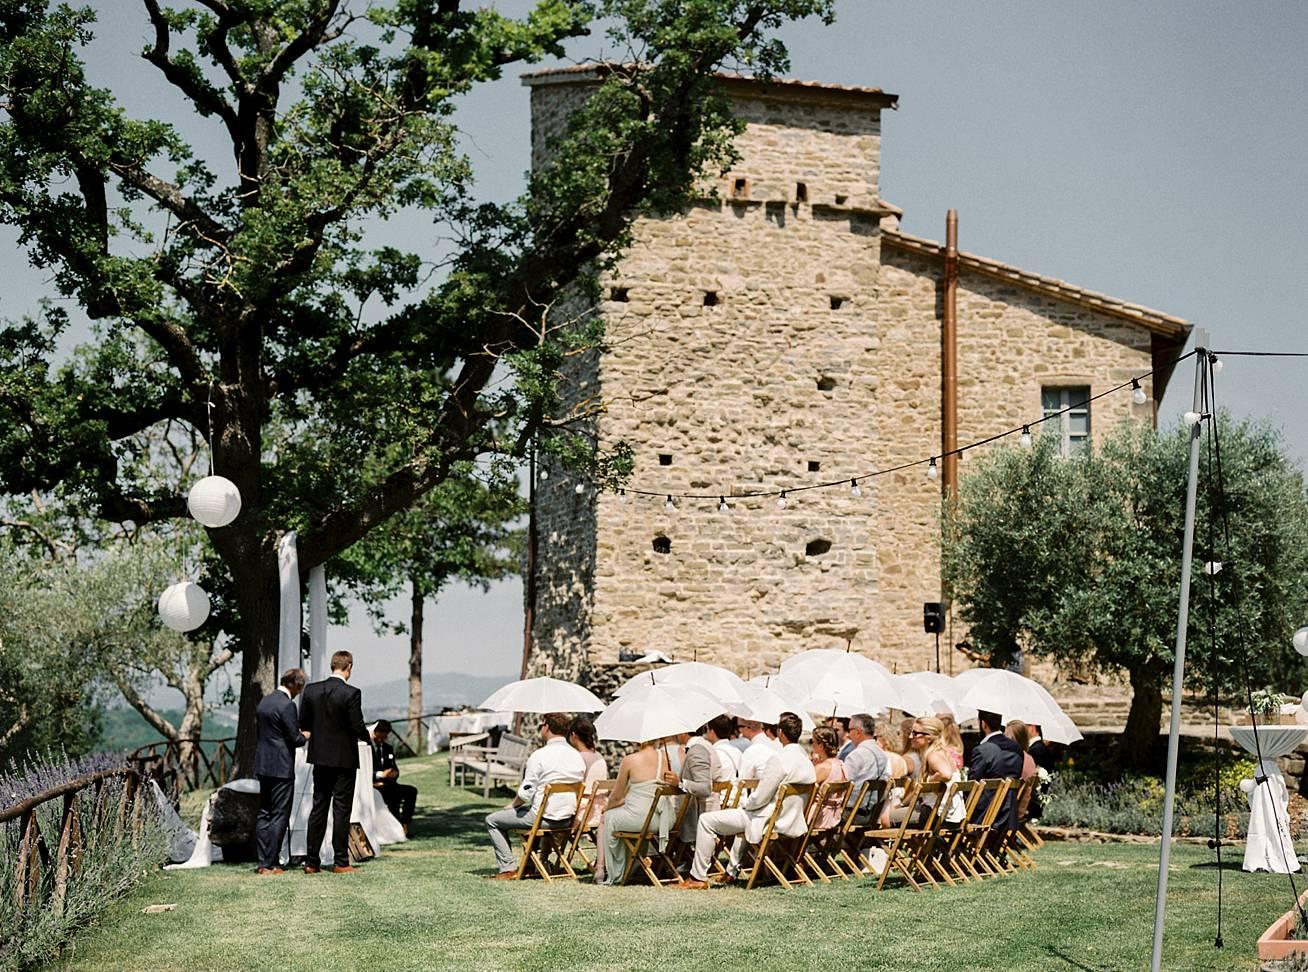 Amanda-Drost-Fotografie-trouwen-in-italie-bruidsfotografie_0051.jpg